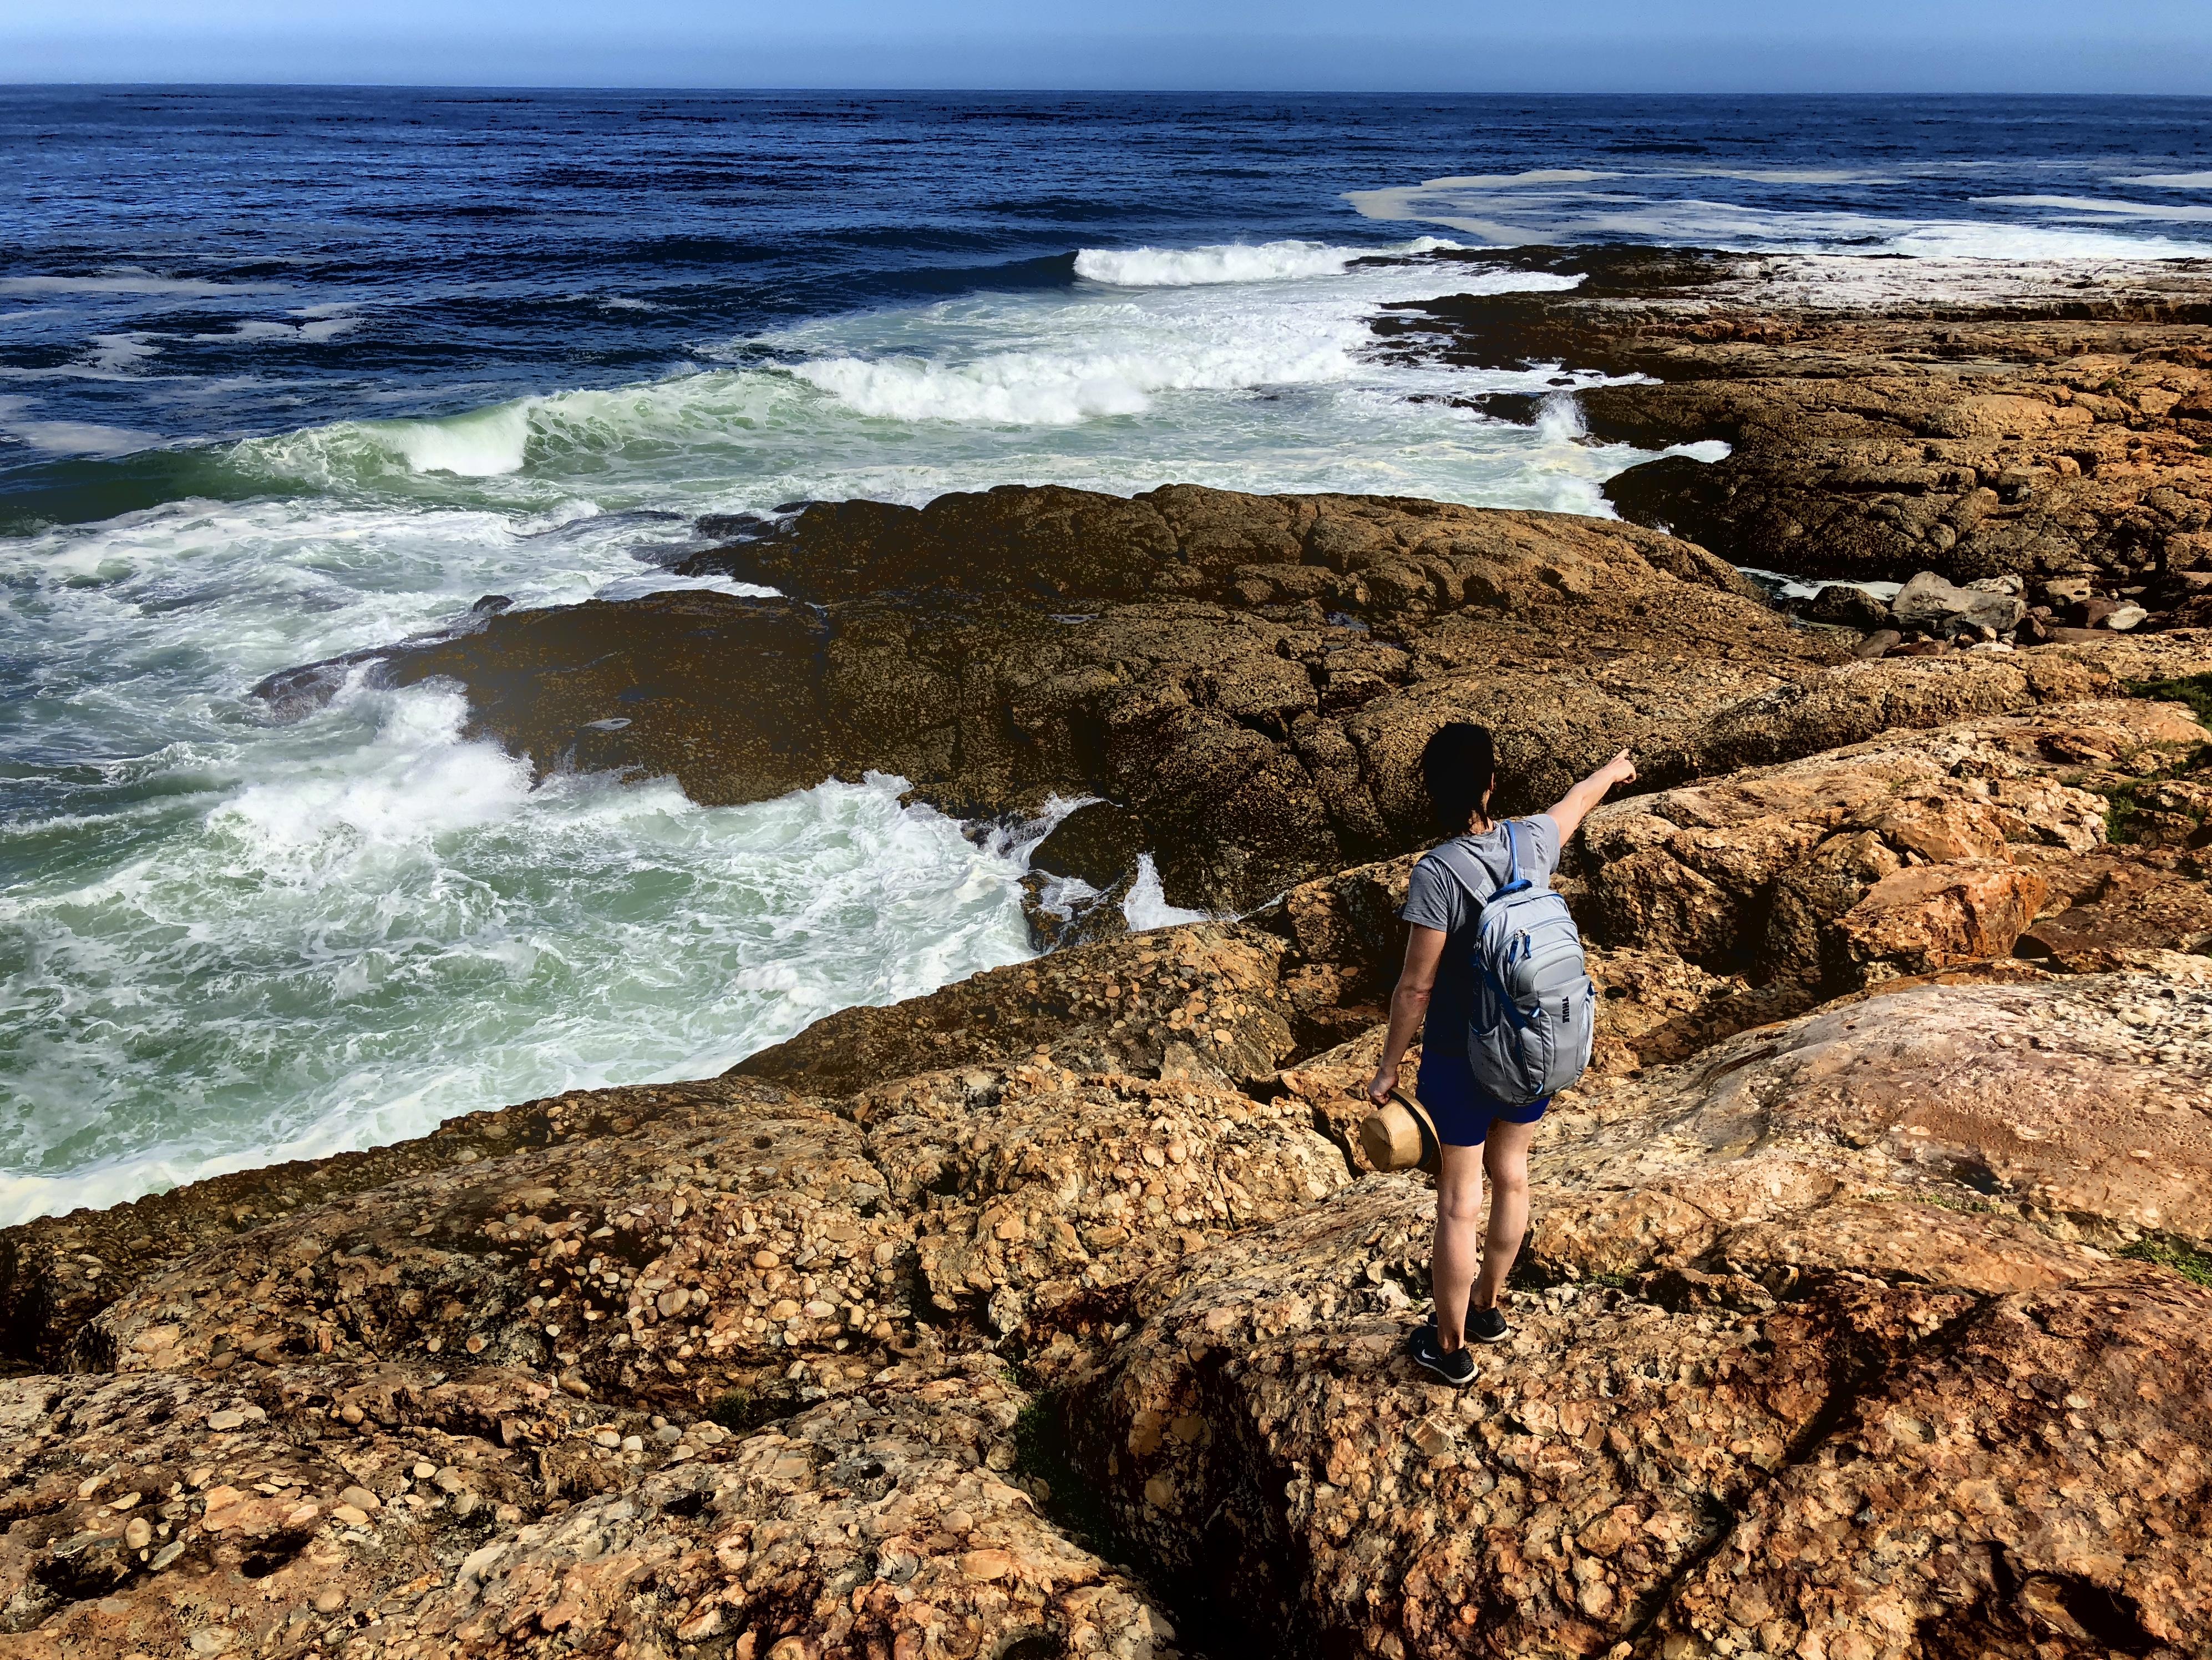 Point, Robberg Island, Südafrika